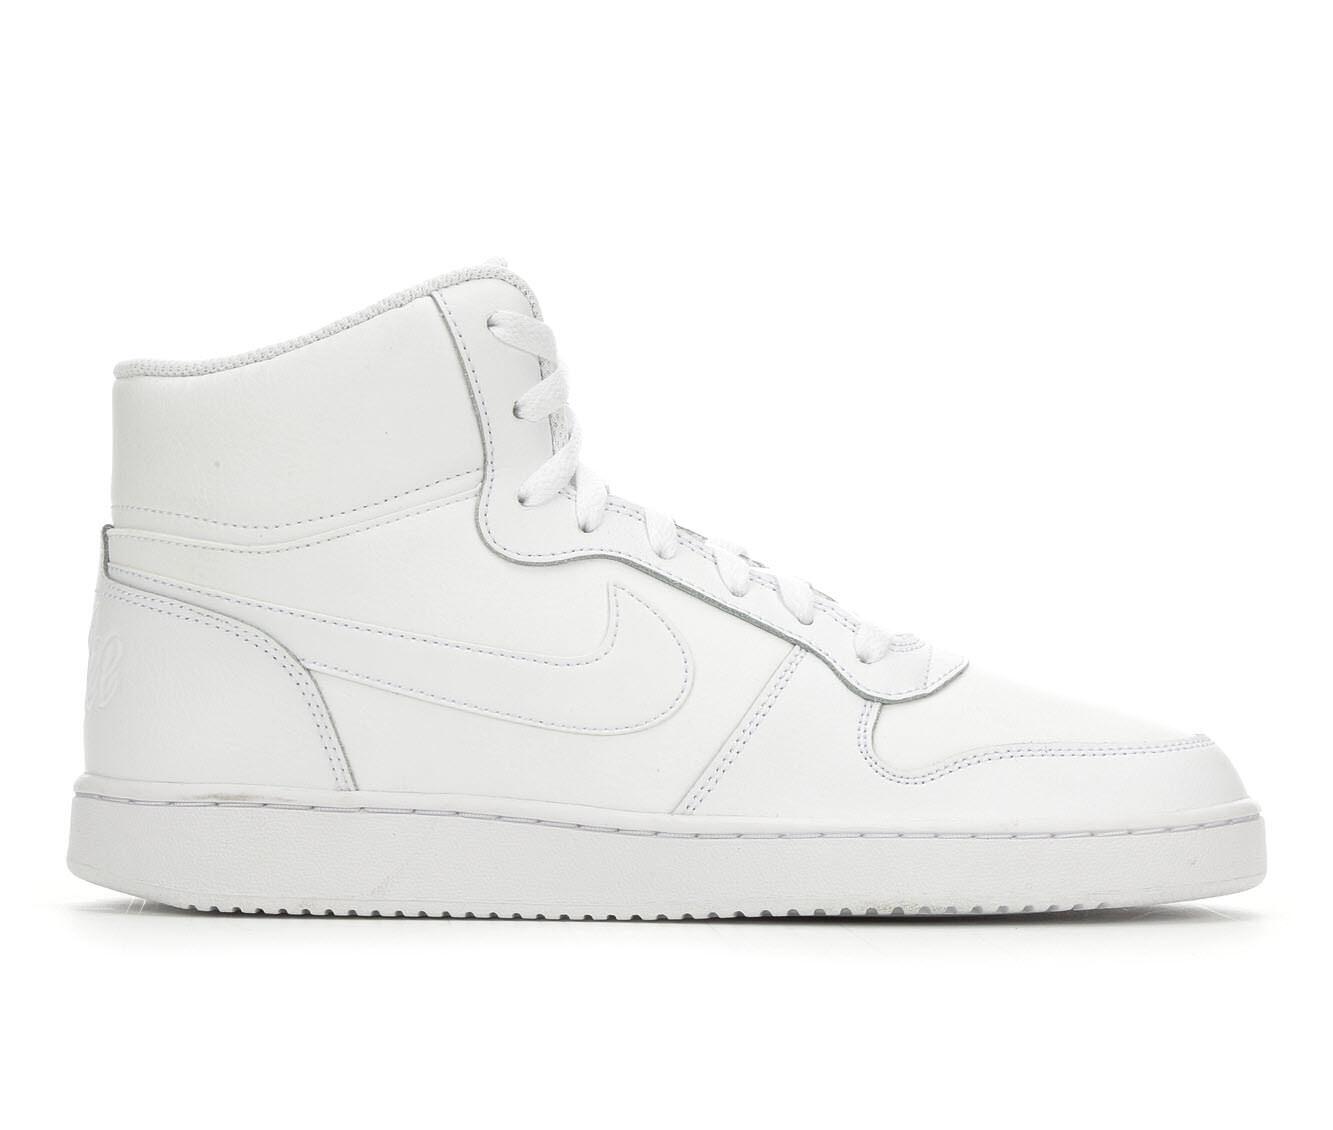 Men's Nike Ebernon Mid Sneakers White/White